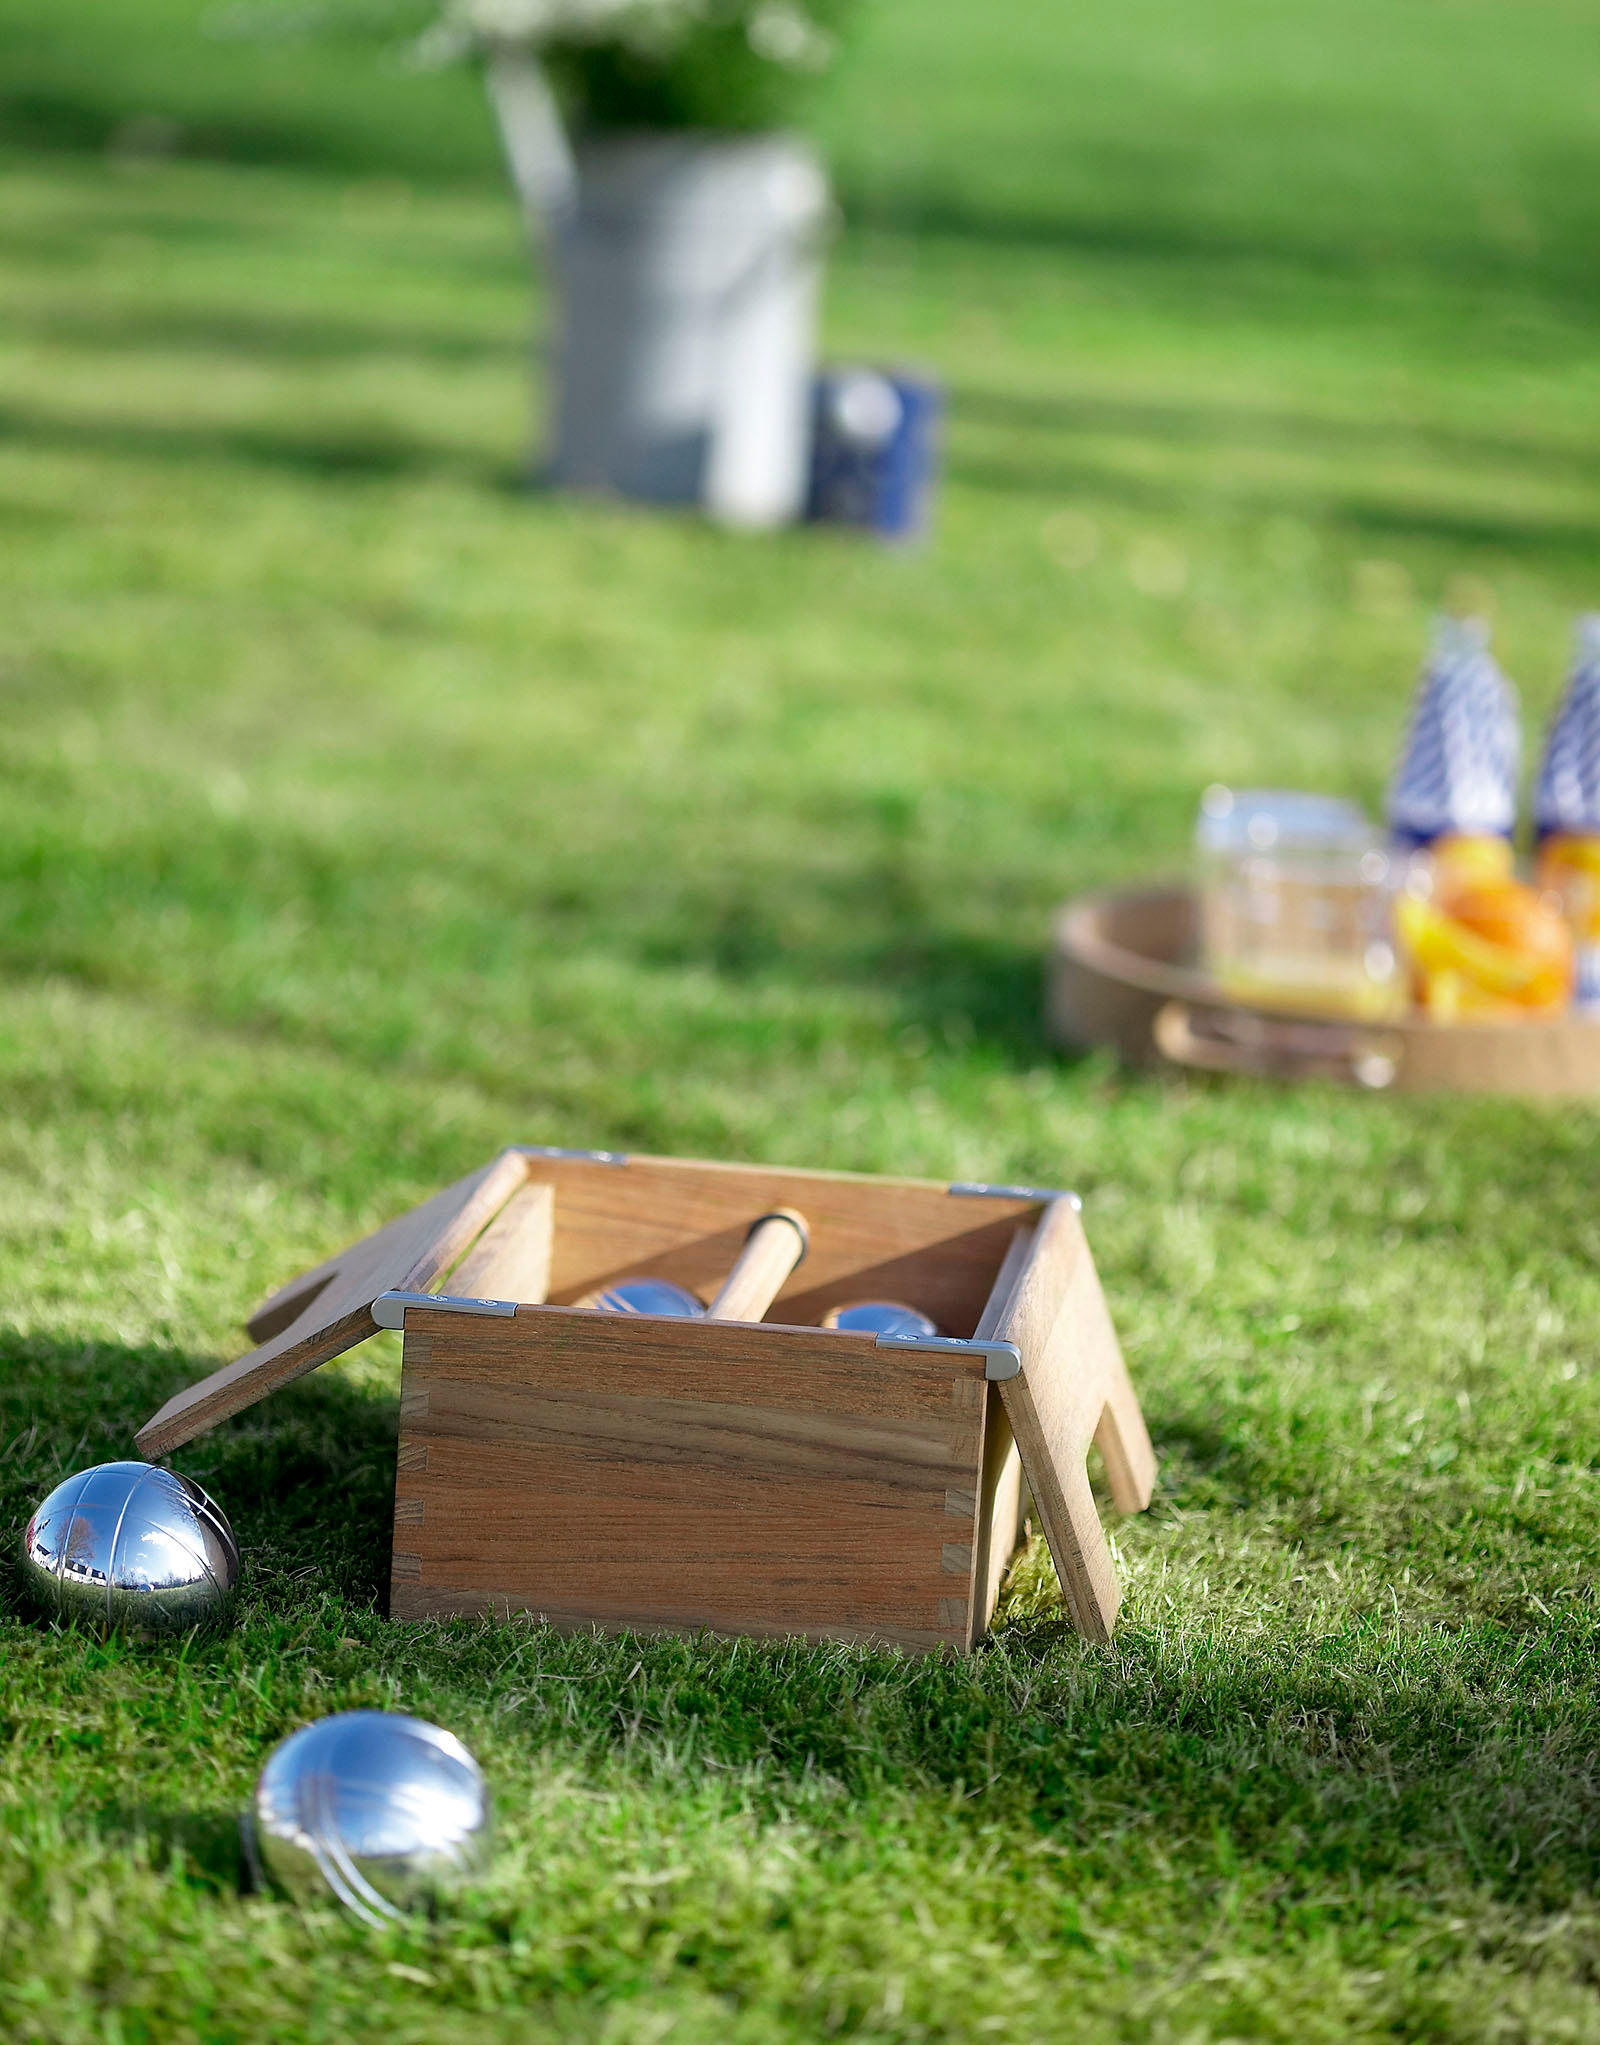 Akiko petanque accesorios de jard n de skagerak architonic - Accesorios de jardin ...